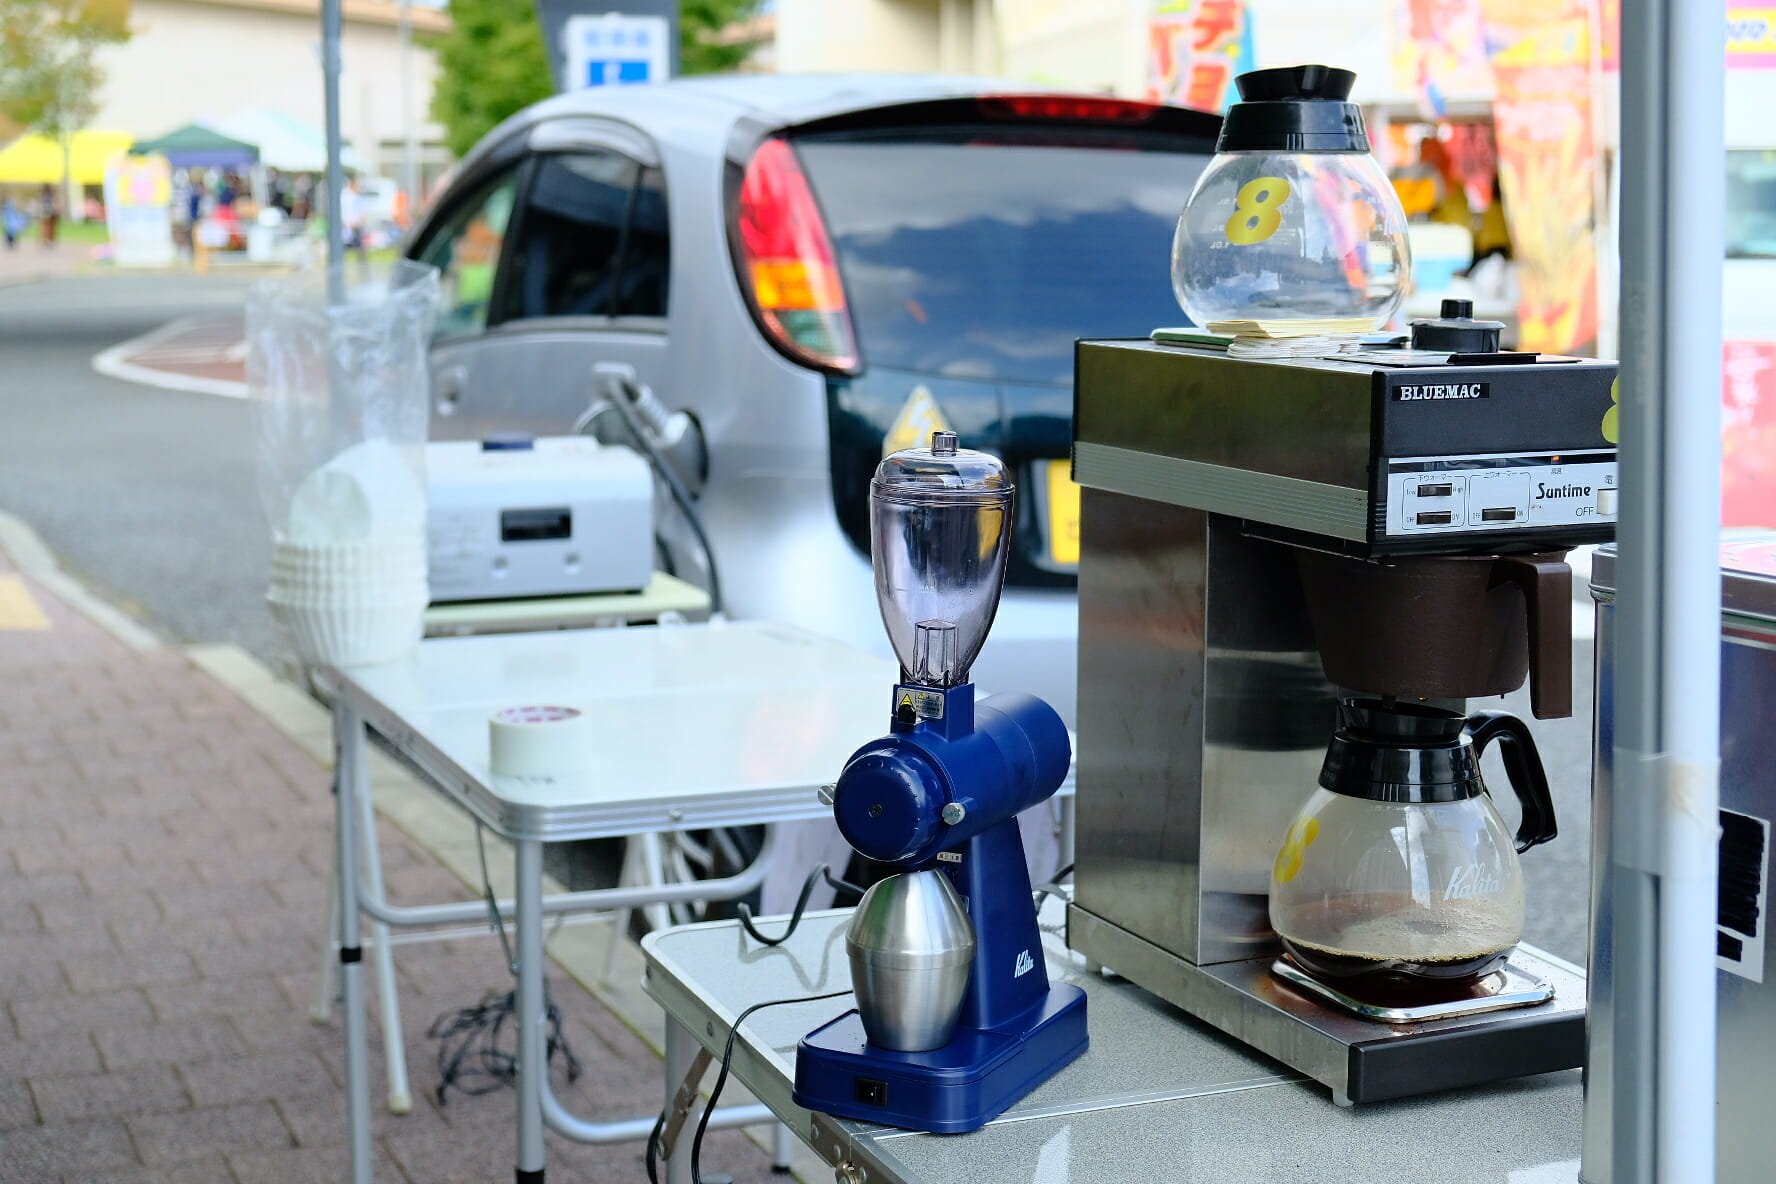 後方のi-MiEV Mタイプからの電力で、、手前のコーヒーミルと珈琲マシンを動かして珈琲を淹れているところ。1,500Wまで出せるので、電子レンジやホットプレートも充分動かせる。